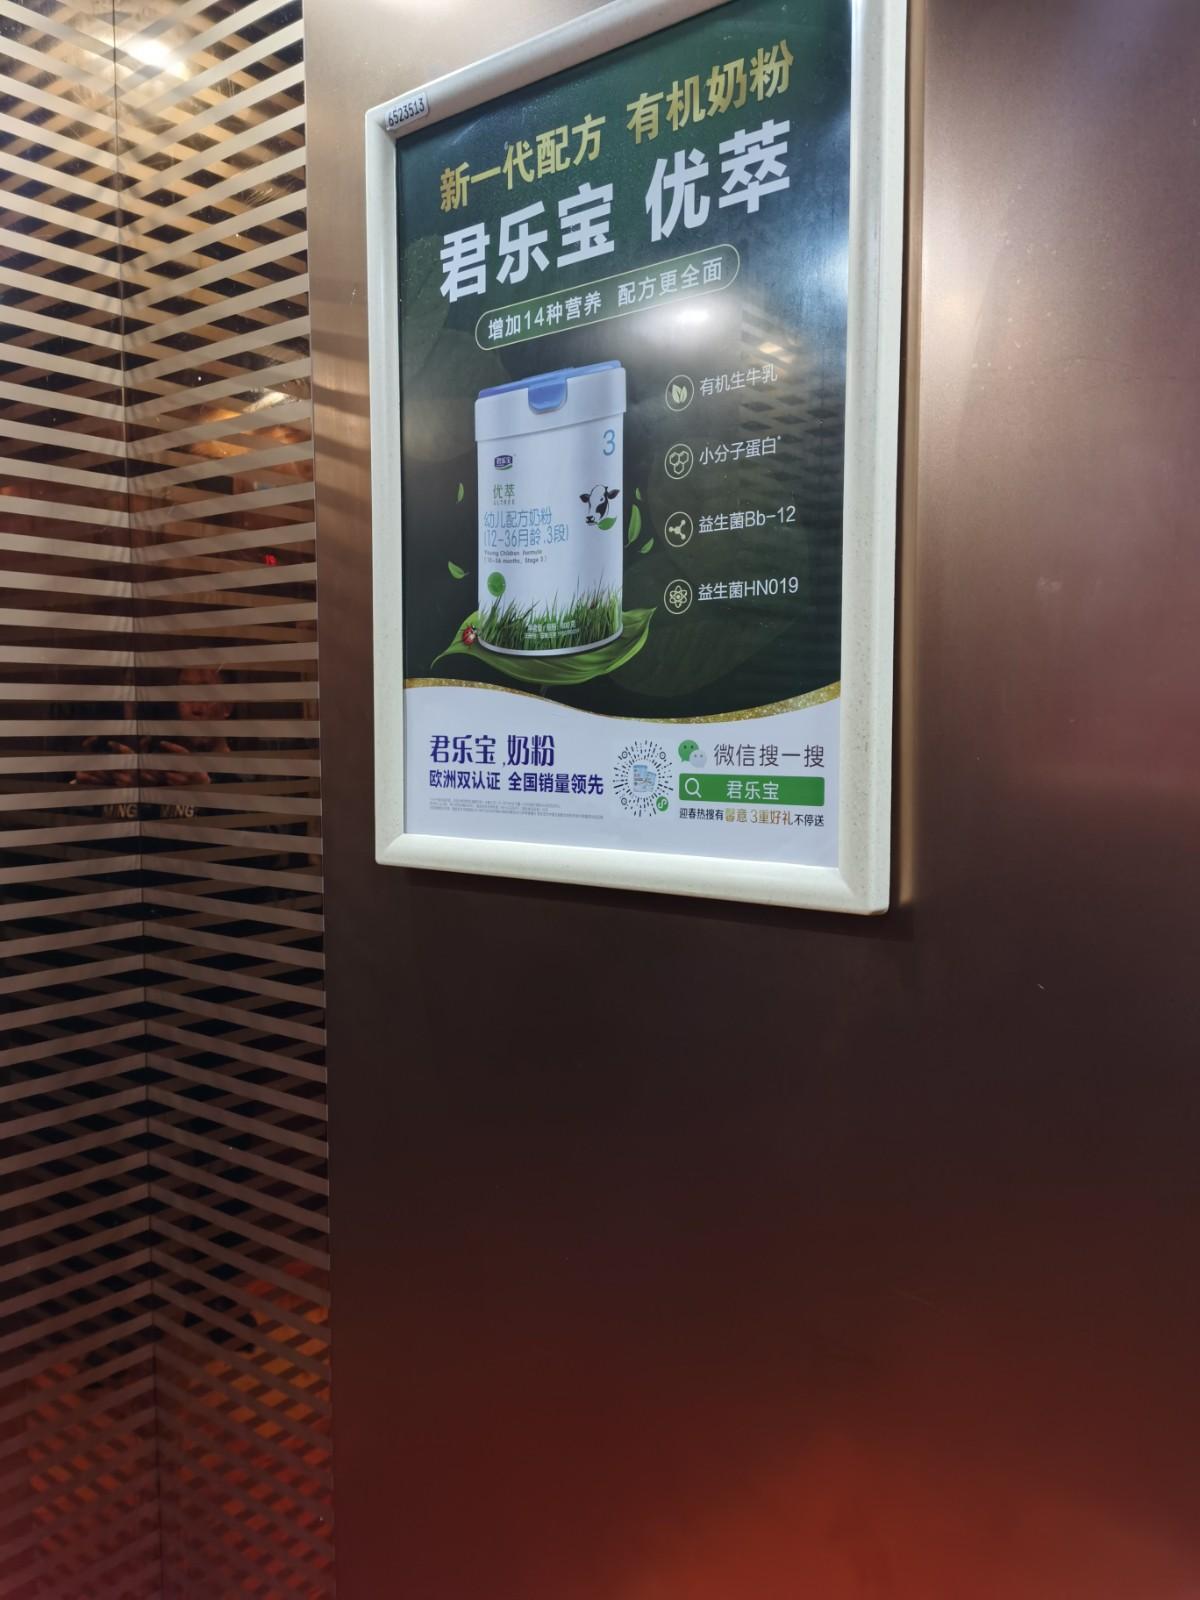 成都小区楼电梯海报广告公司